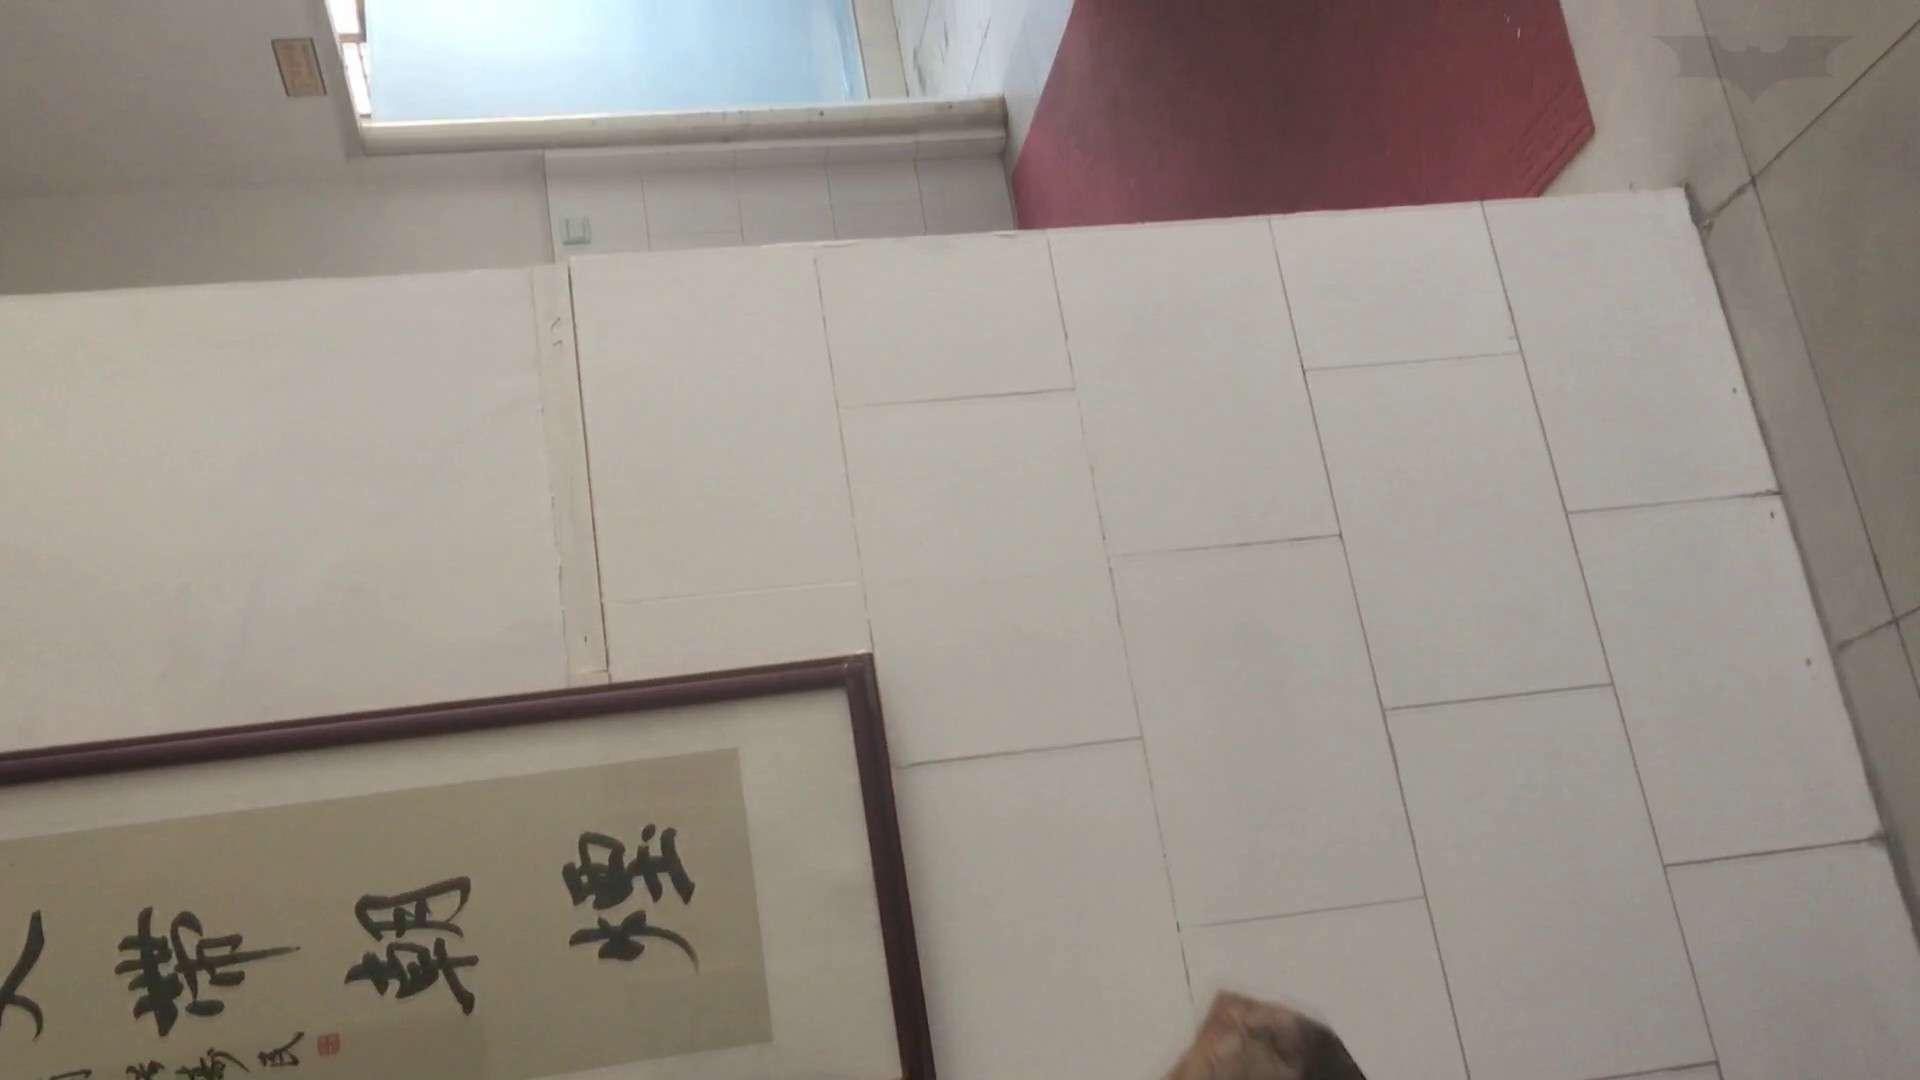 芸術大学ガチ潜入盗撮 JD盗撮 美女の洗面所の秘密 Vol.81 盗撮  62PIX 18